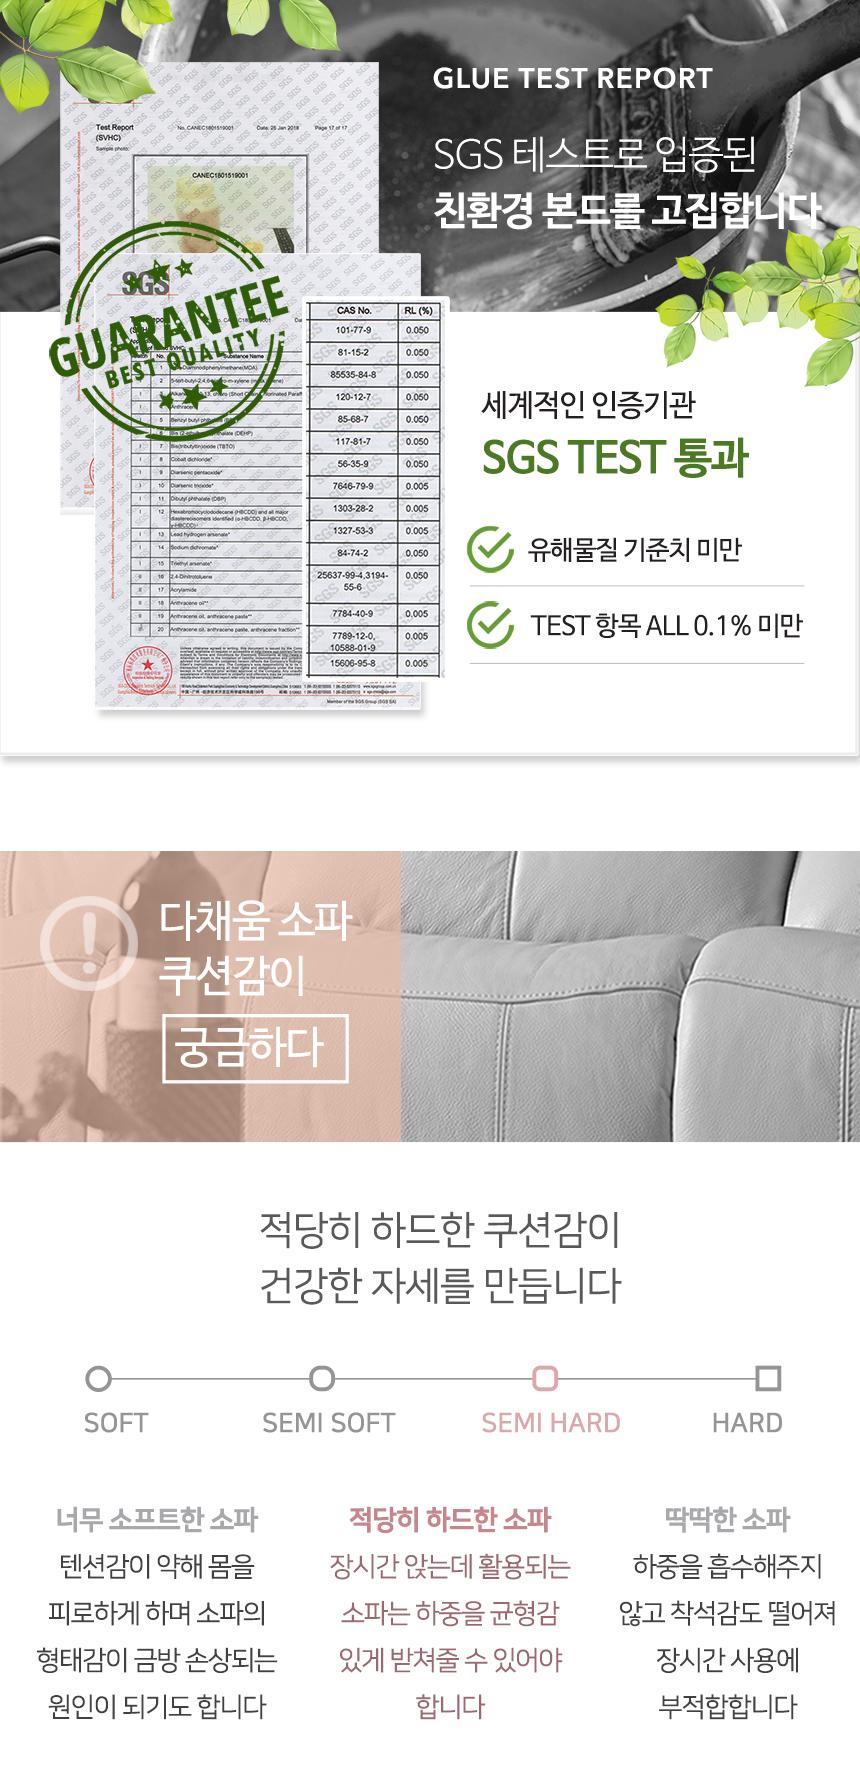 친환경본드_쿠션감